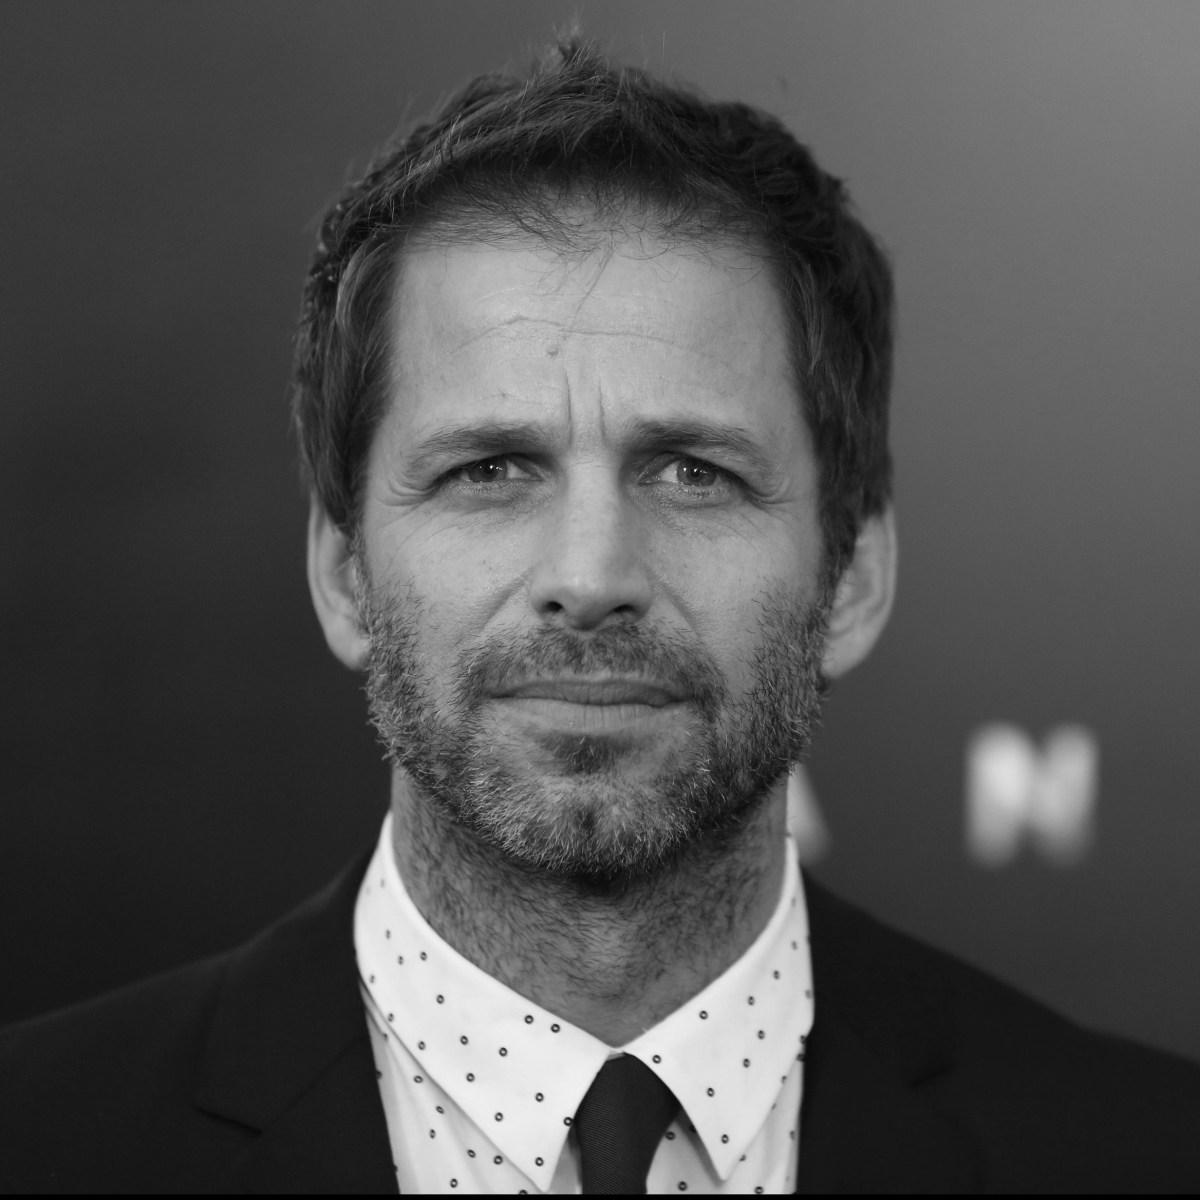 Zack Snyder JUSTICE LEAGUE Görevinden Ayrıldı, Filmi JOSS WHEDON Bitirecek